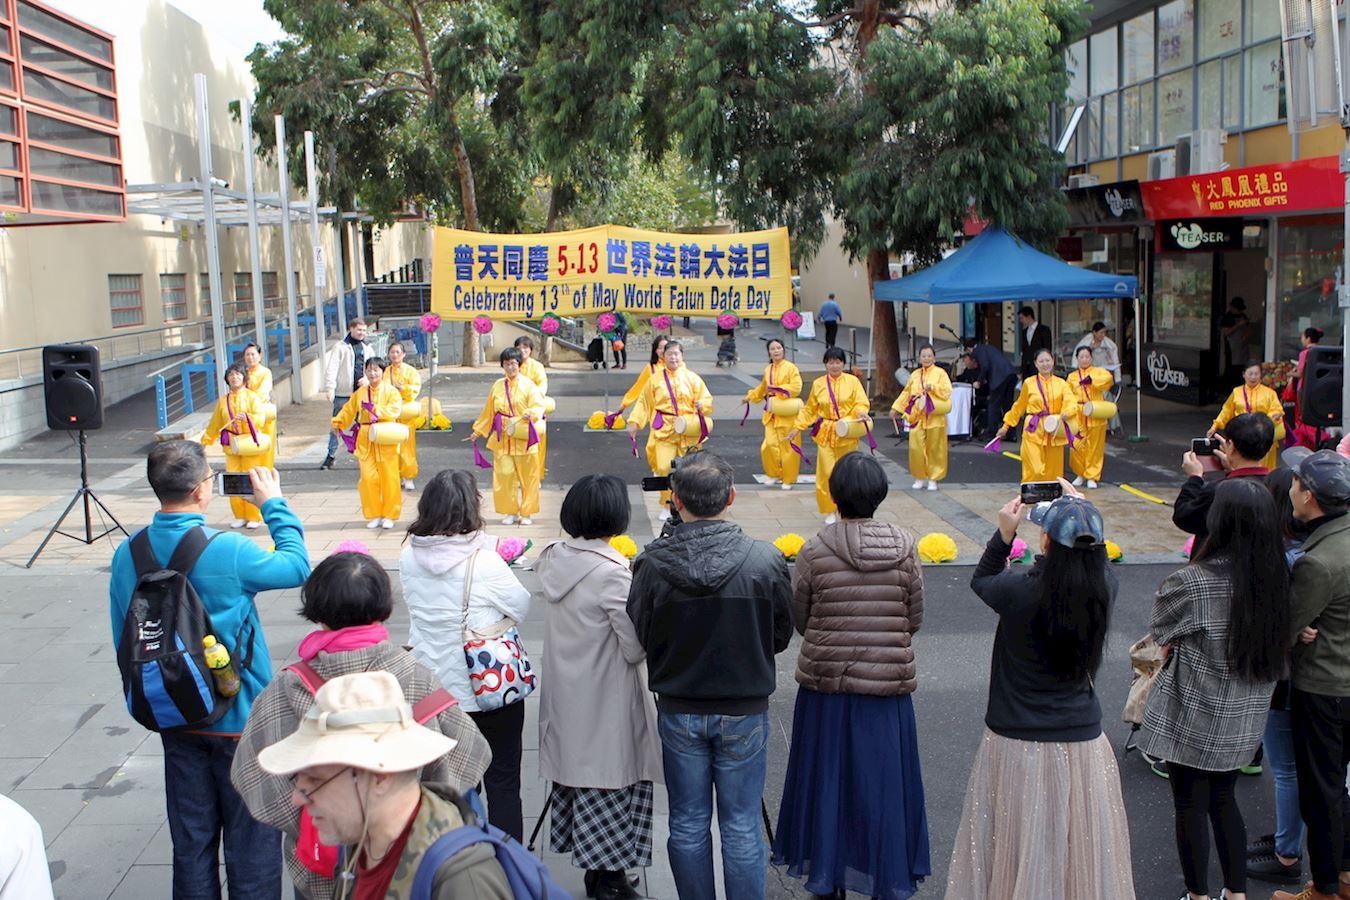 法輪功學員用歌舞等形式舉辦慶祝活動,恭賀「世界法輪大法日」。(明慧網)